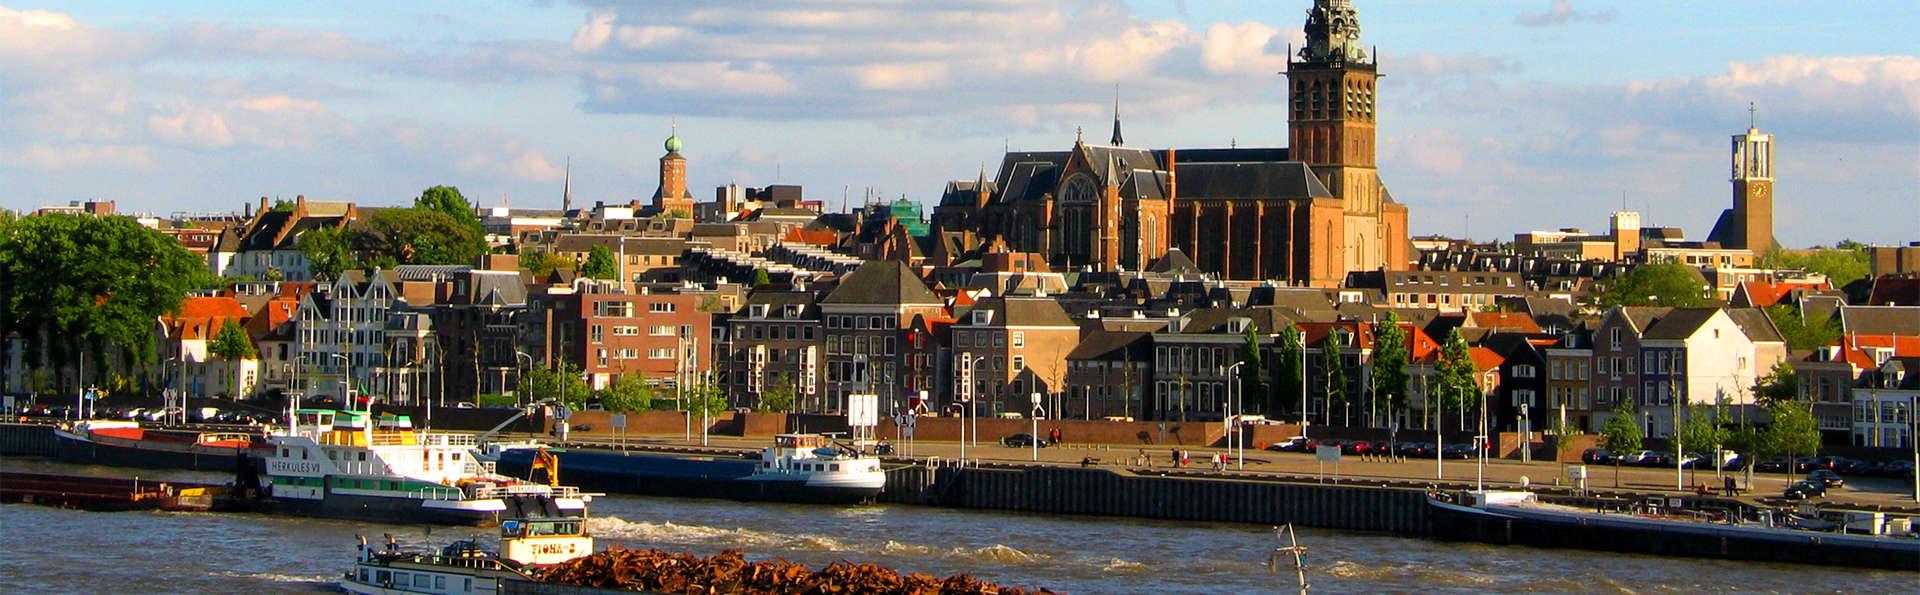 Geniet van het najaar met een fles bubbels nabij Nijmegen!